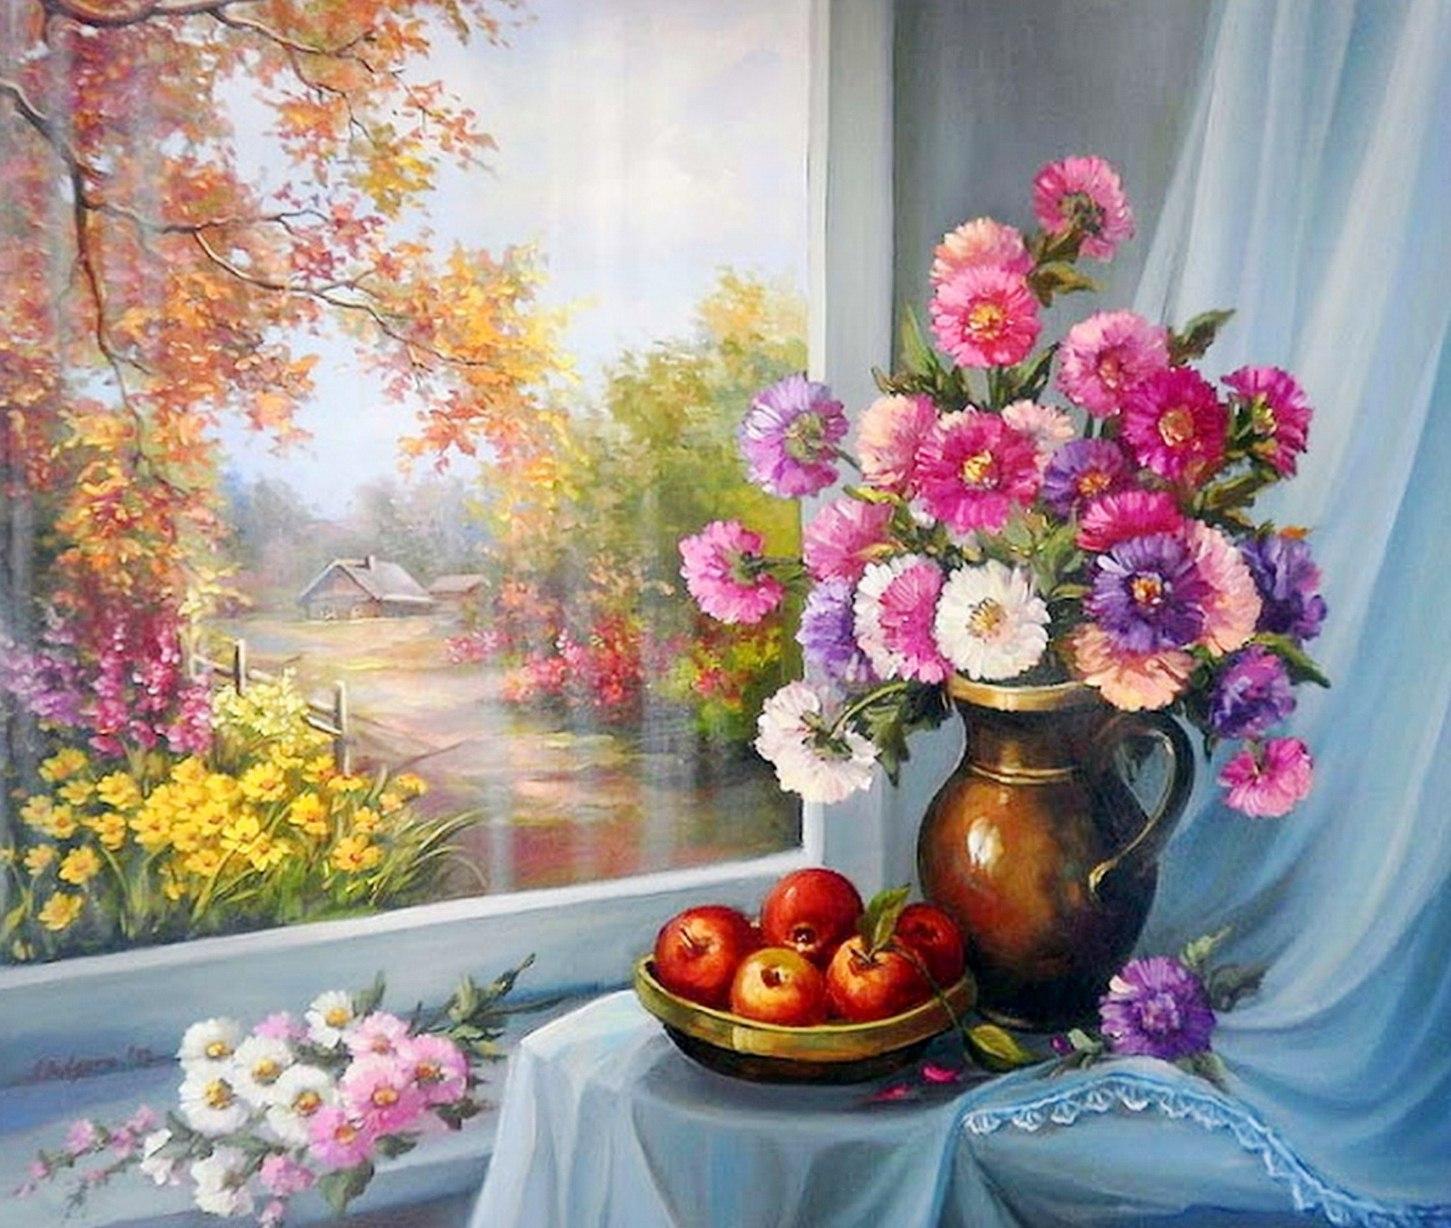 Im genes arte pinturas cuadros impresionistas de bodegones - Cuadros pintados con spray ...